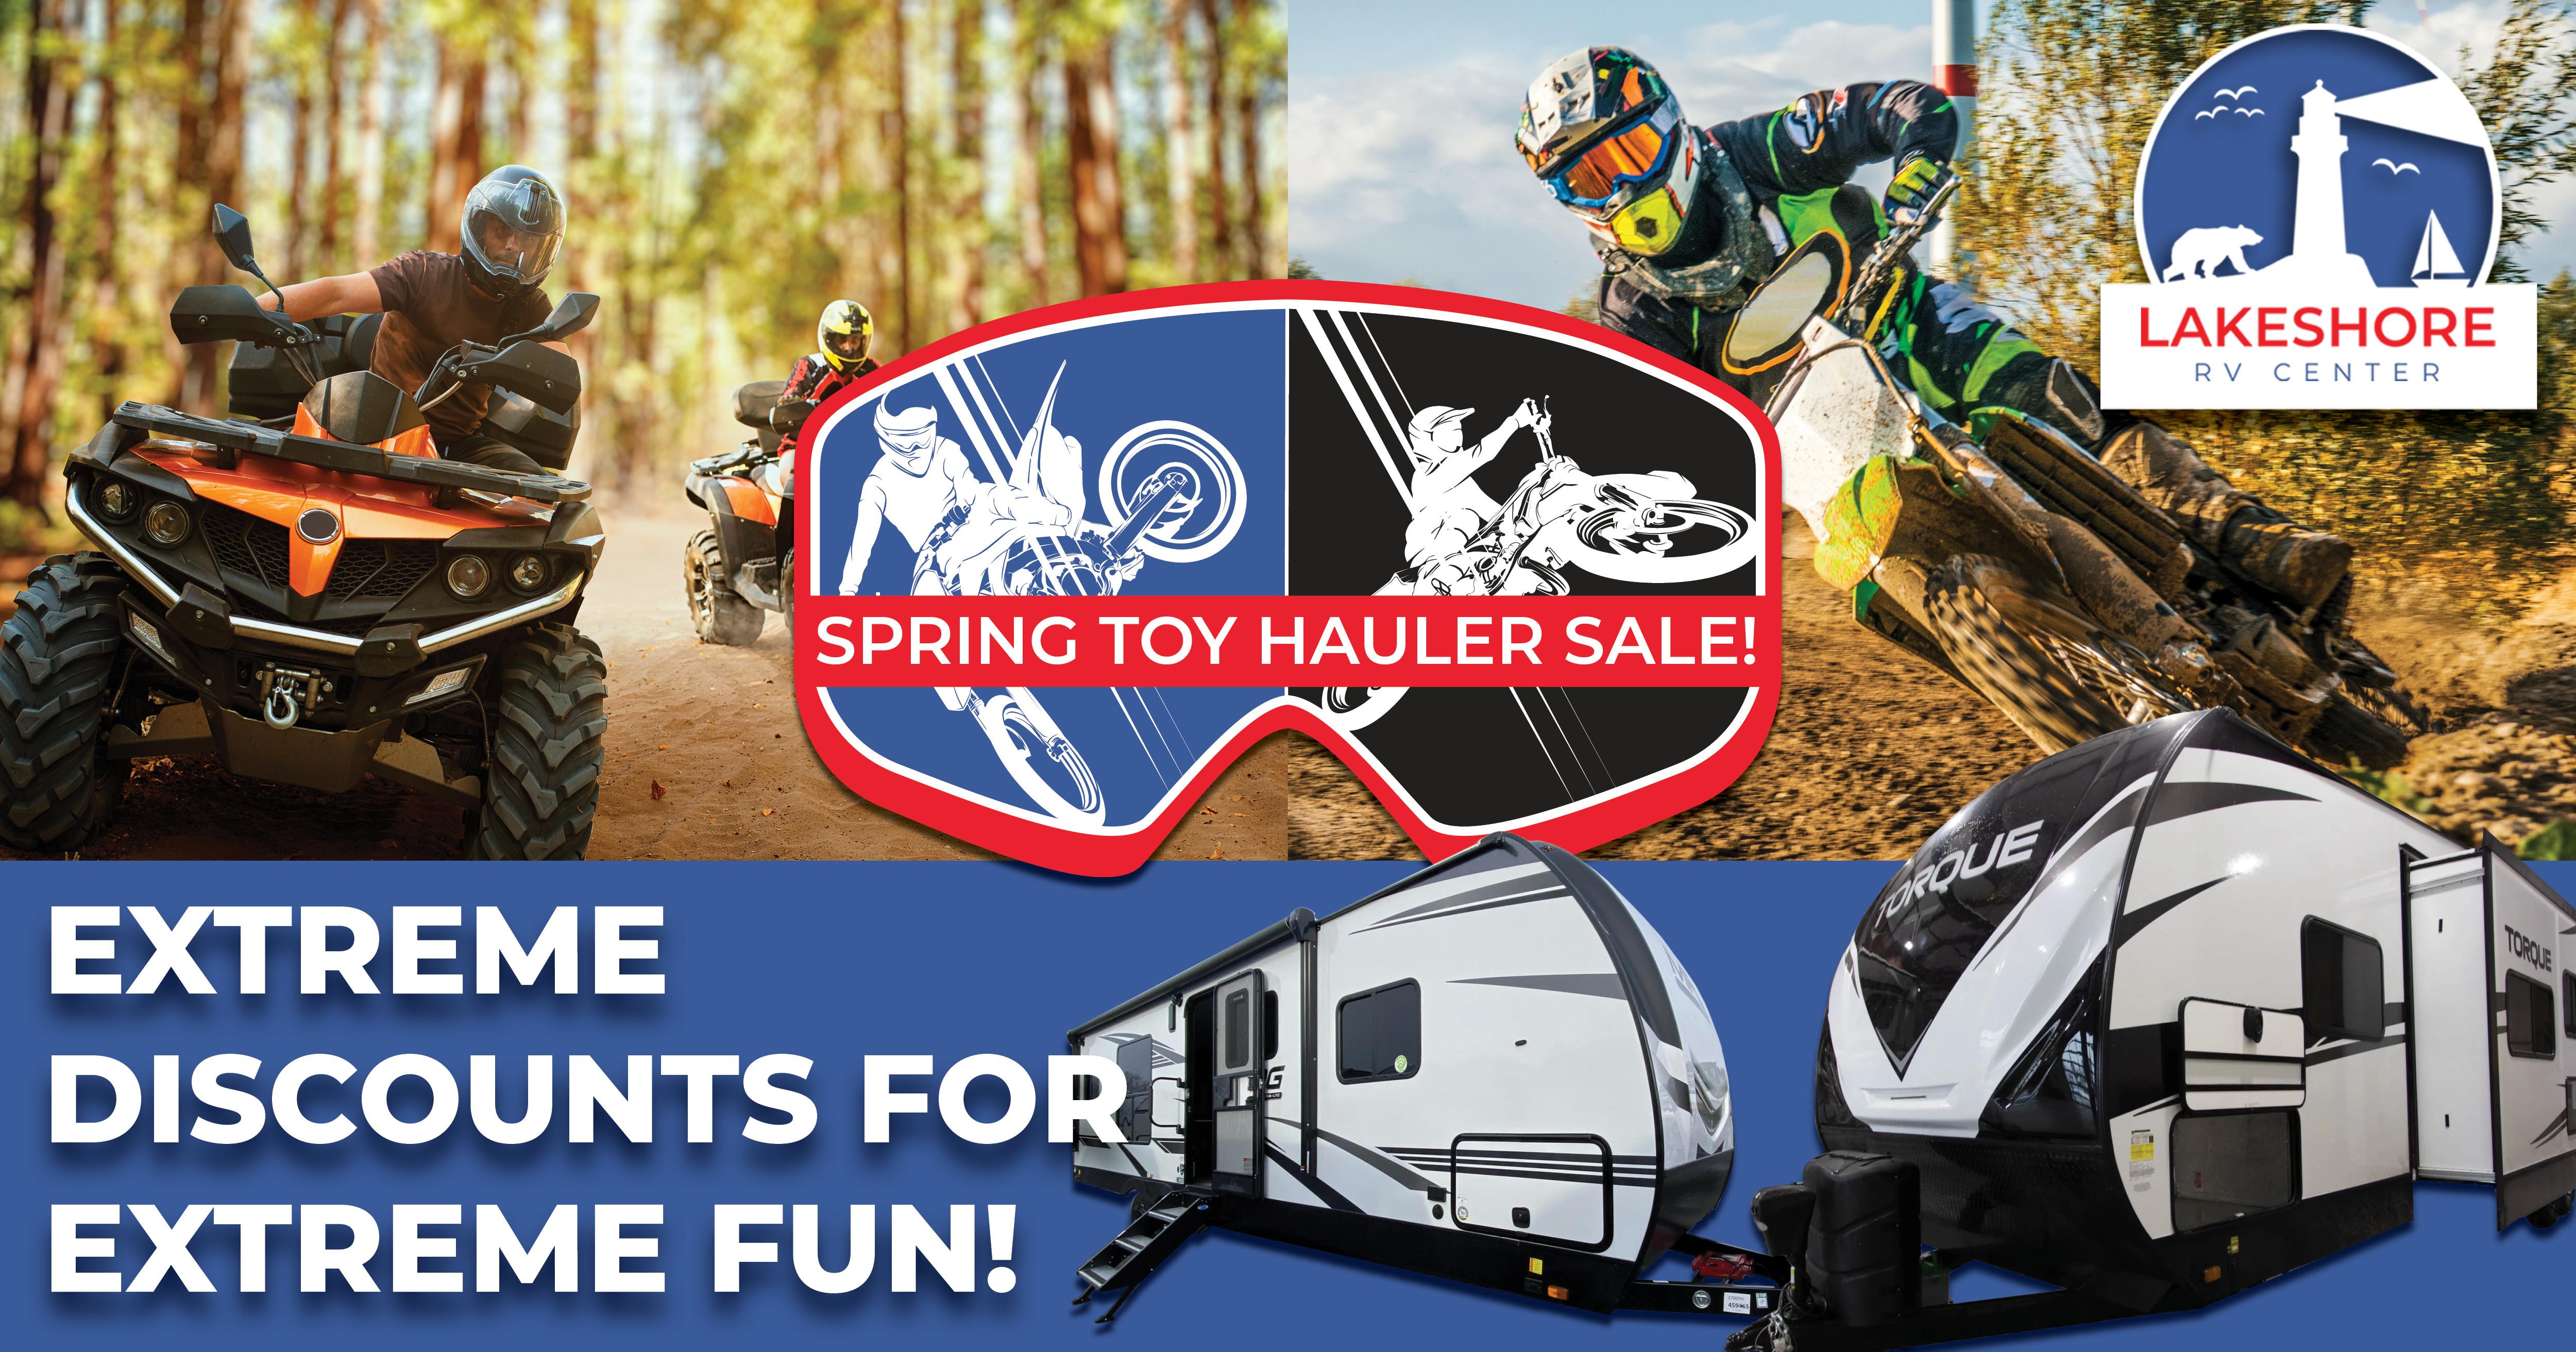 lsrv-spring-toy-hauler-sale-desc-banner